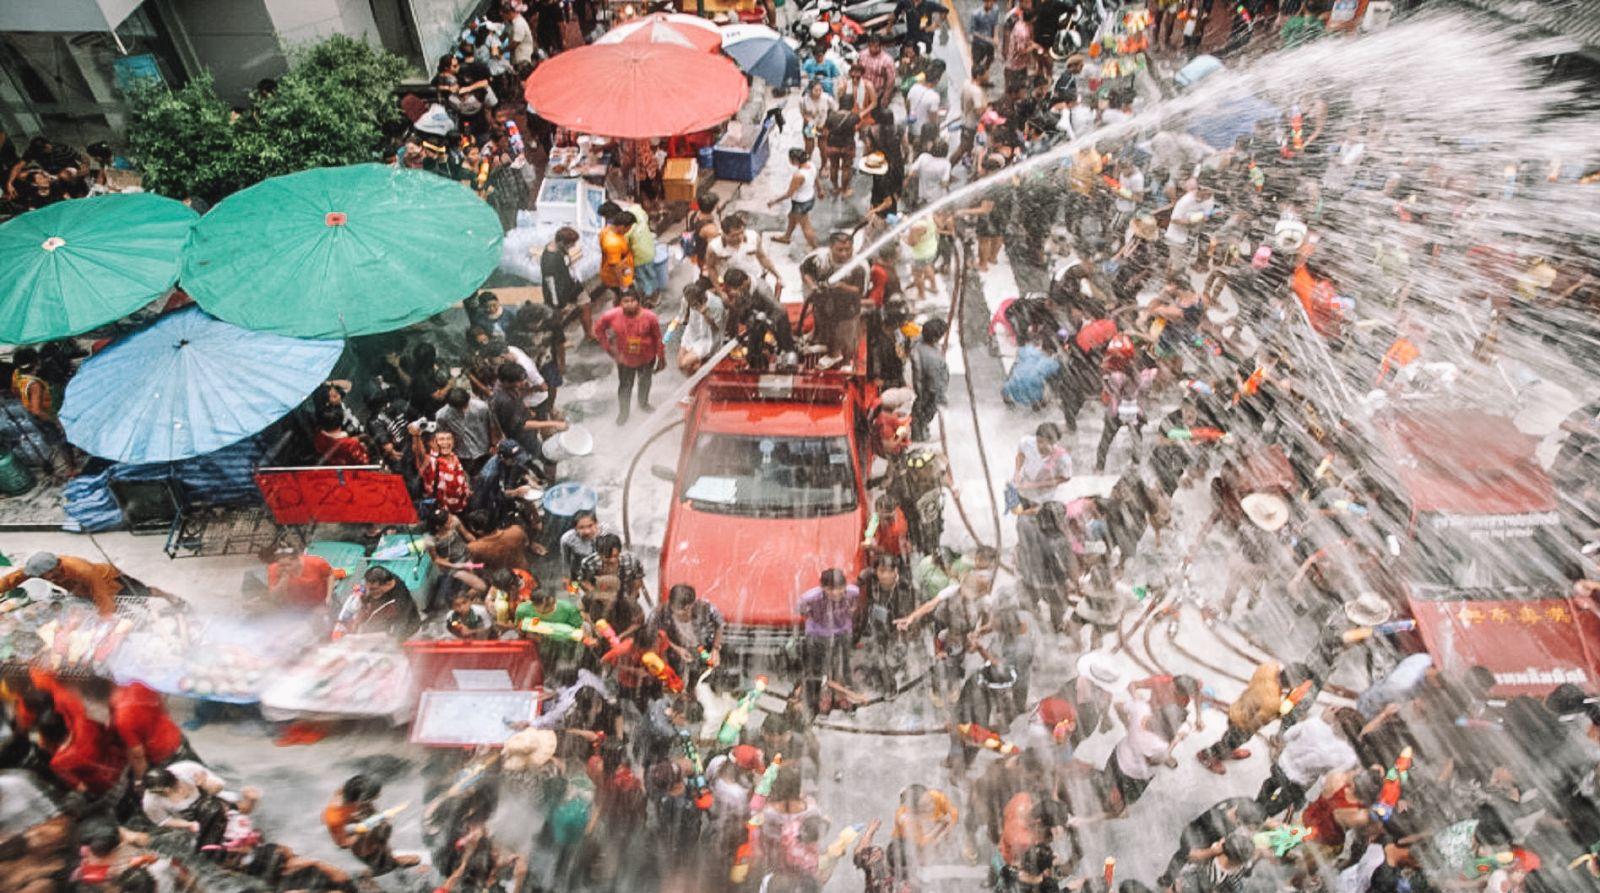 Lễ hội té nước Songkran - Thái Lan bạn nhất định phải đi một lần